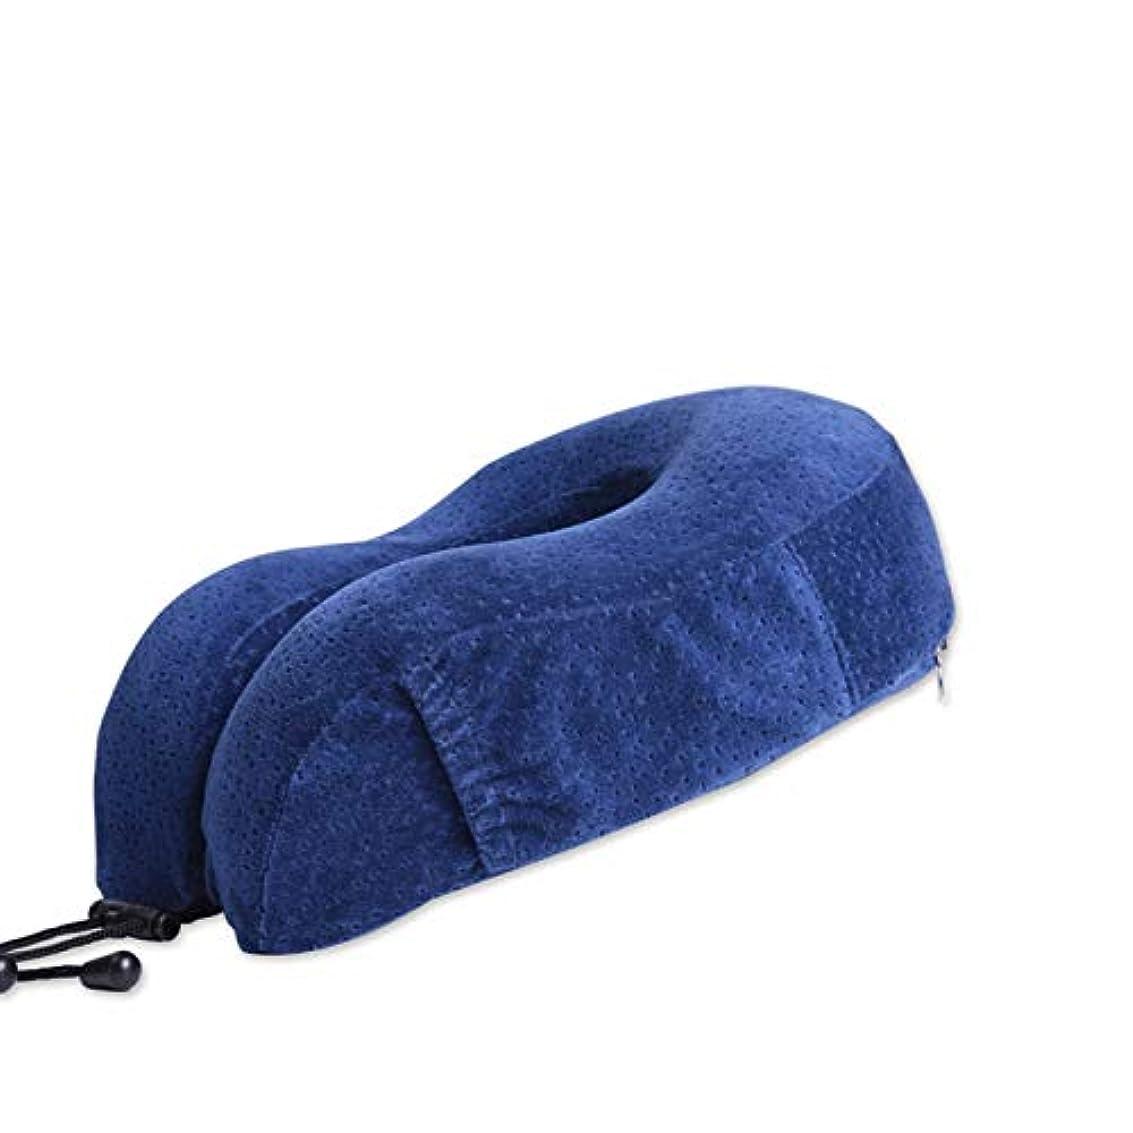 ダーツ禁じるありそうSMART 新しいぬいぐるみピンクフラミンゴクッションガチョウの羽風船幾何北欧家の装飾ソファスロー枕用女の子ルーム装飾 クッション 椅子